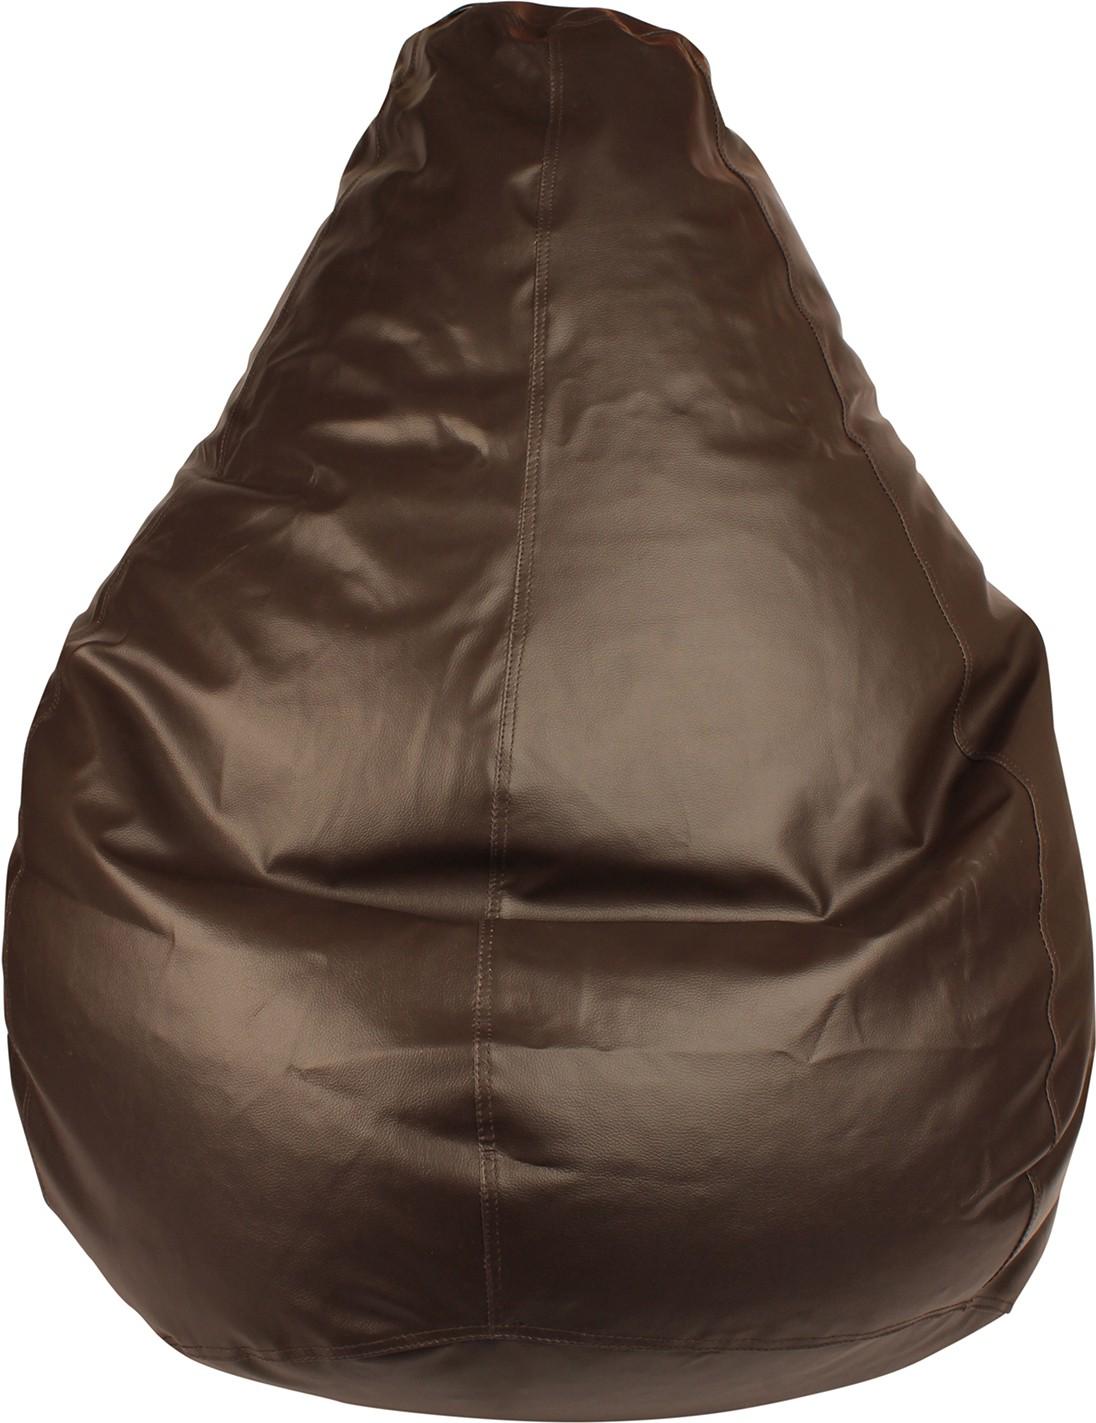 View E'Loisa Medium Bean Bag Cover(Brown) Furniture (E'Loisa)